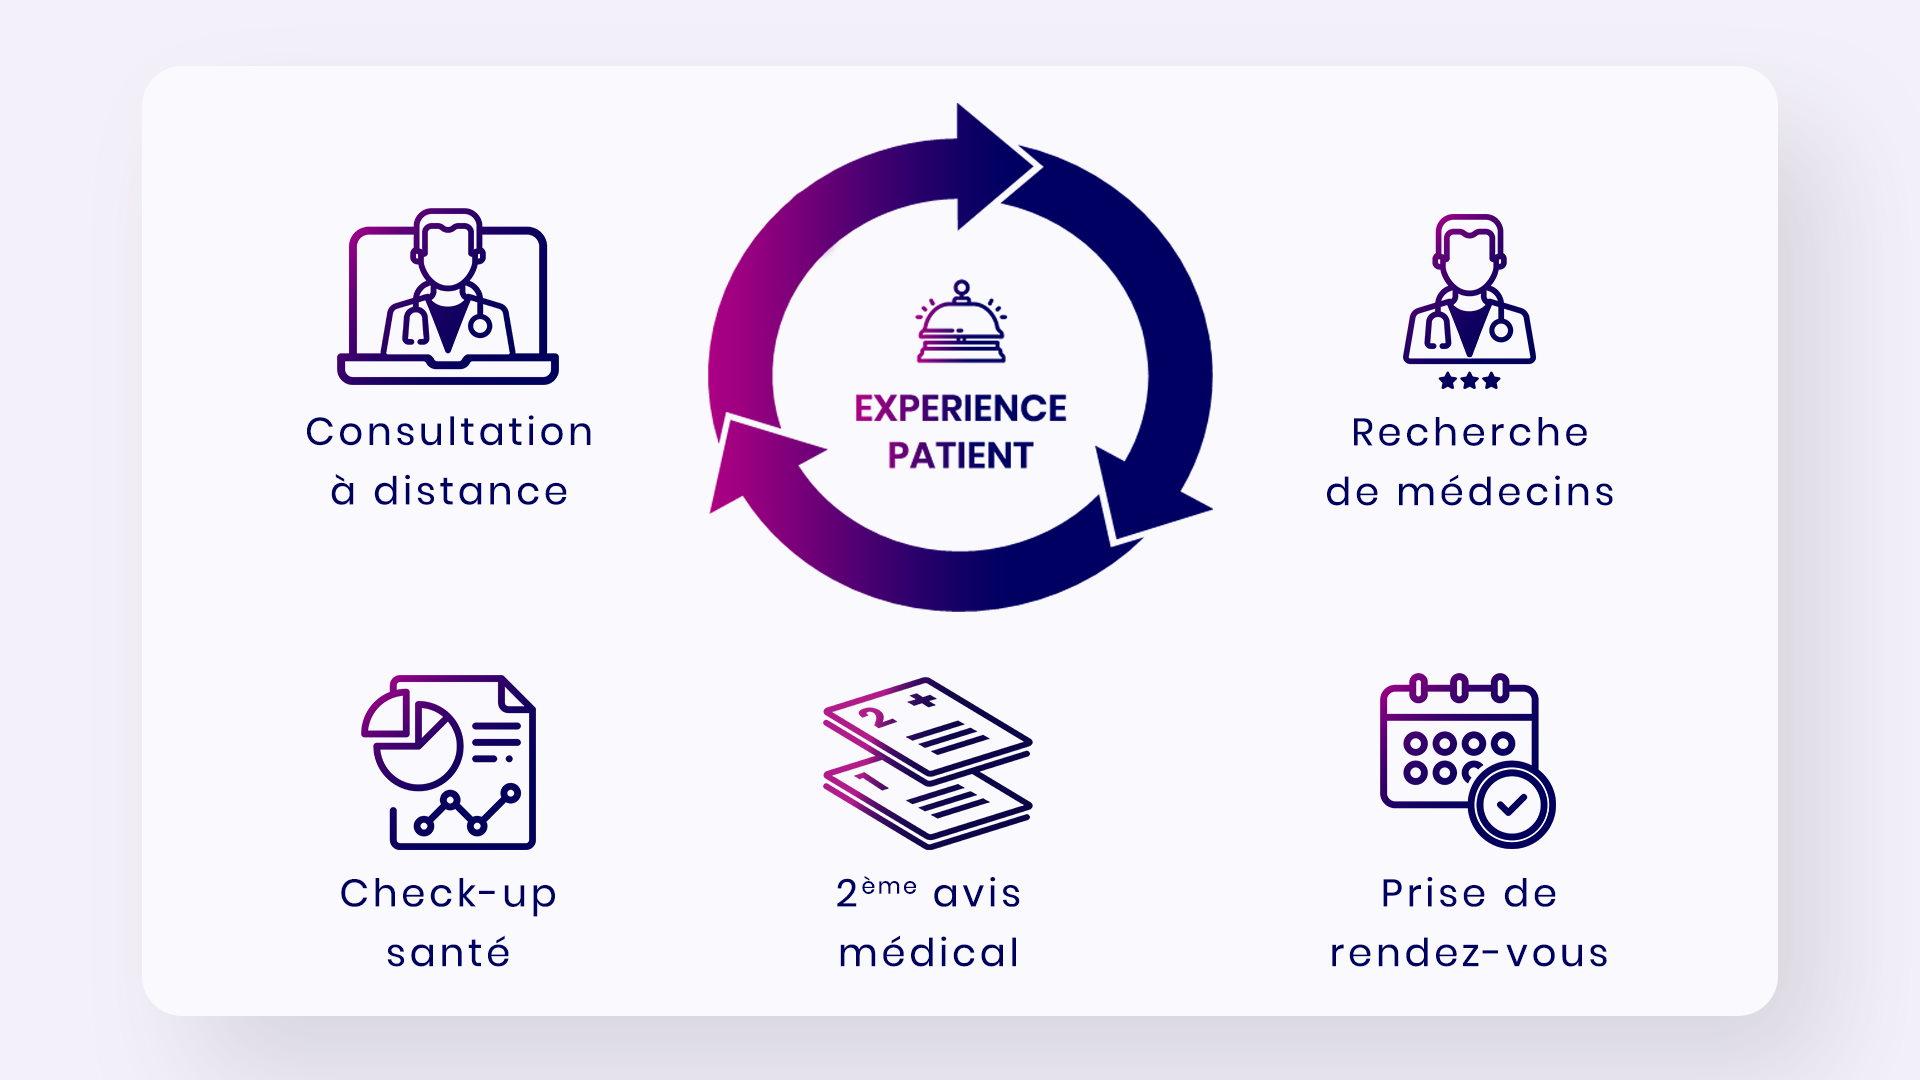 Concilio l'expérience patient 360°